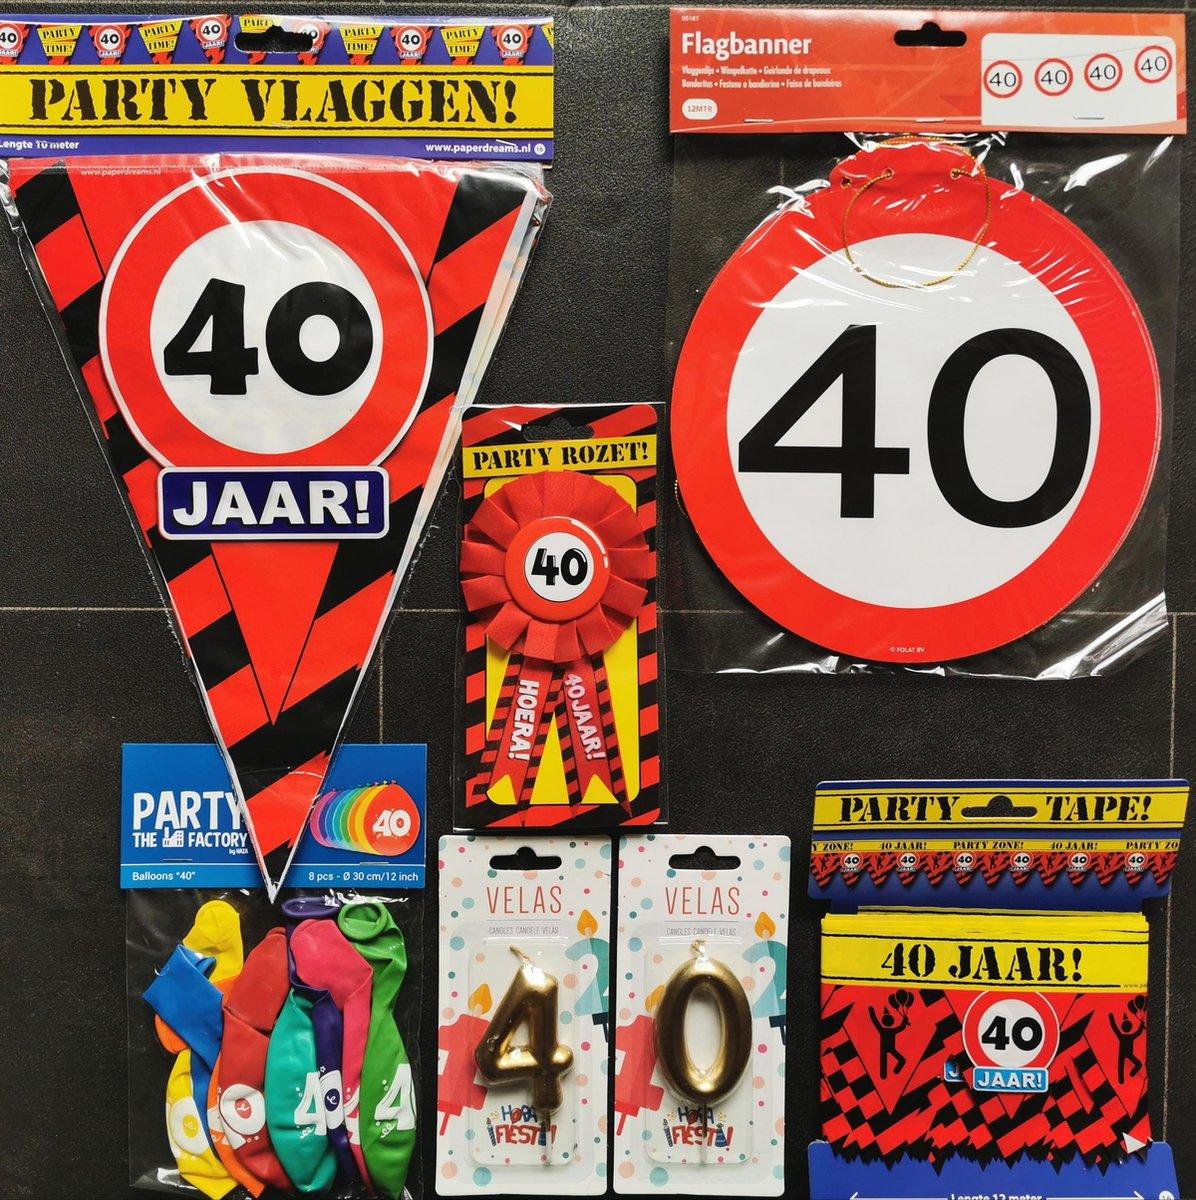 40 jaar- Man-Vrouw - Verjaardag Versiering - Ballonnen - Afzetlint - Vlaggenlijn - Taarttopper - Rozet - Feestpakket